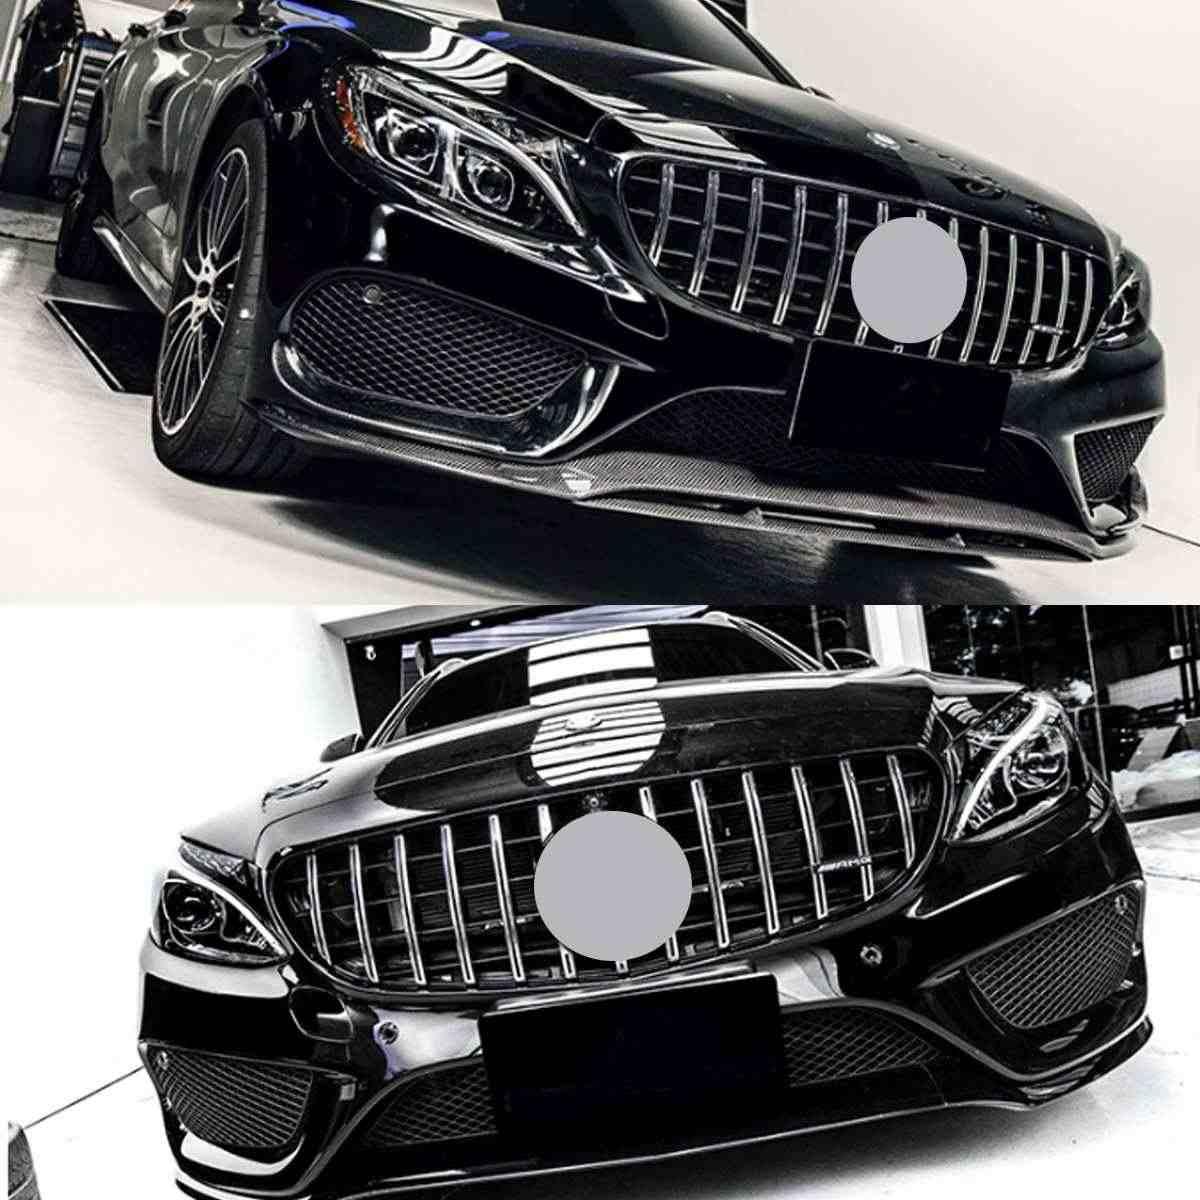 คุณภาพสูงรถกระจังหน้ารถกันชนด้านหน้าตาข่ายสำหรับ Mercedes For Benz W205 สำหรับ AMG ดู C200 C250 C300 c350 2015-2018